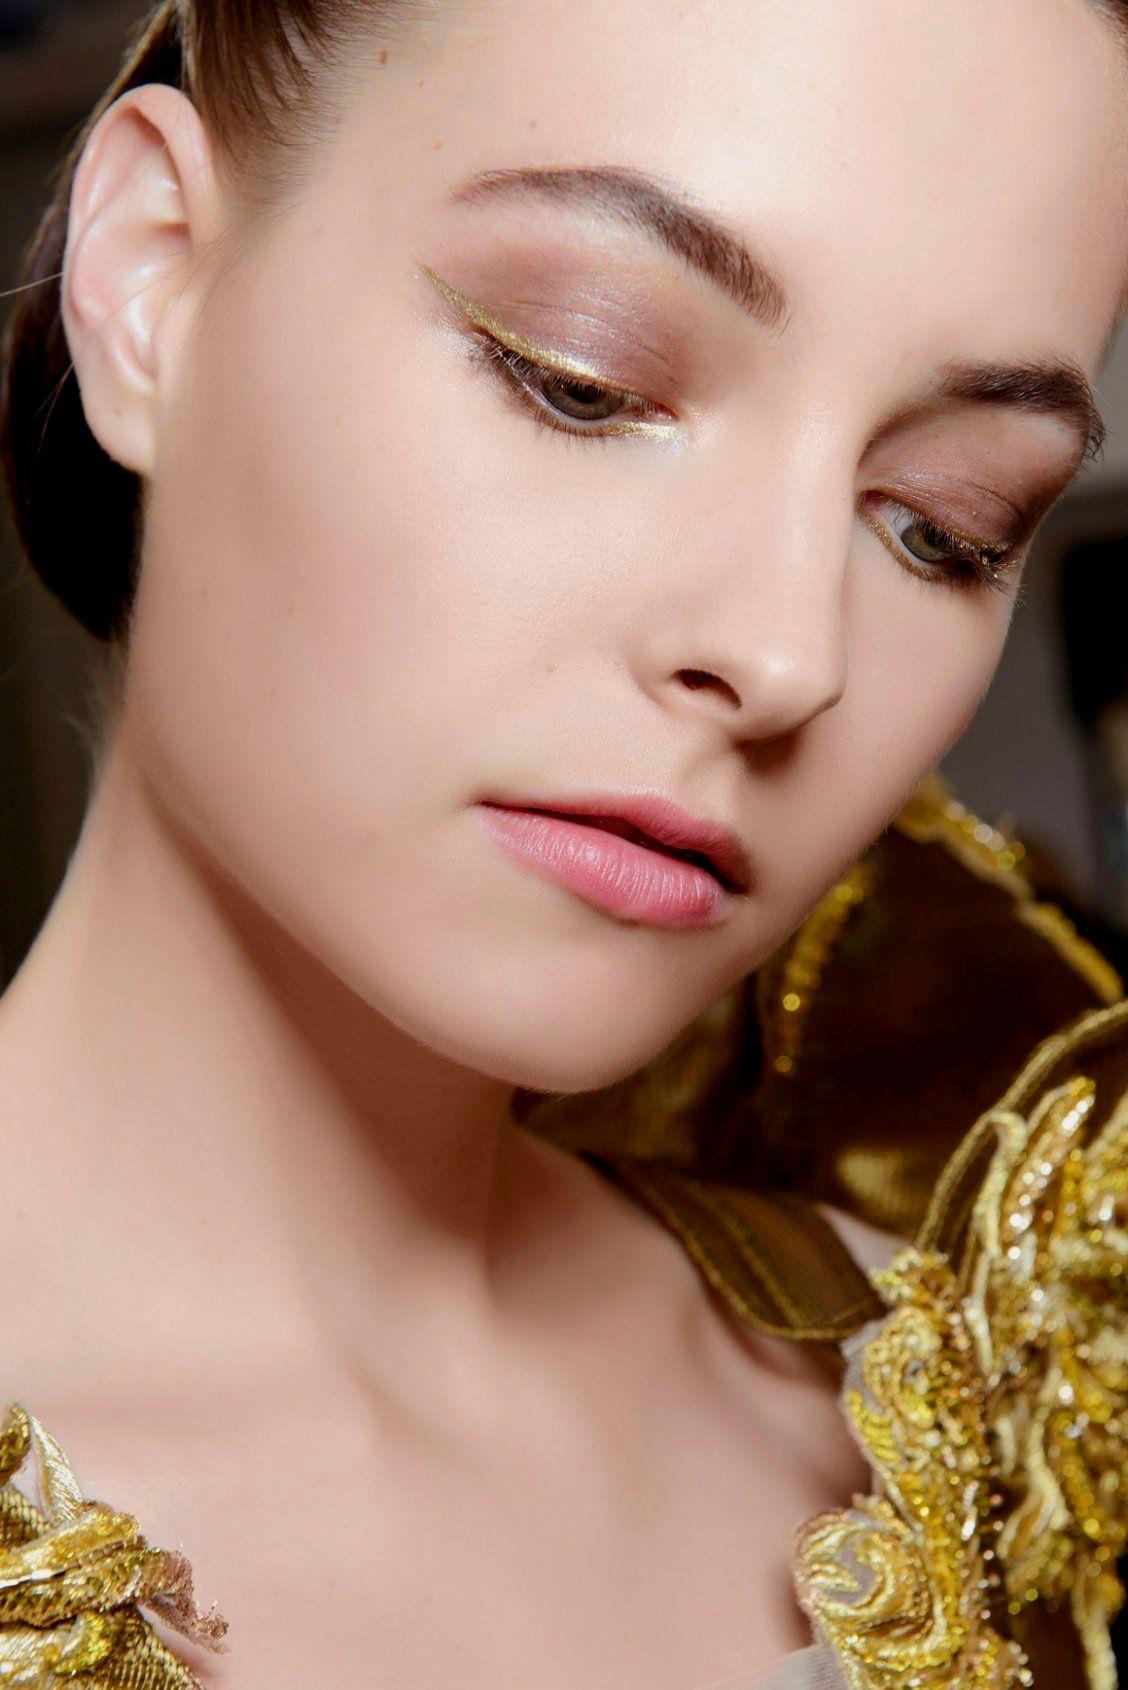 Pin by mackenzieoavtuwk on Beauty in 2020 Eyebrow beauty